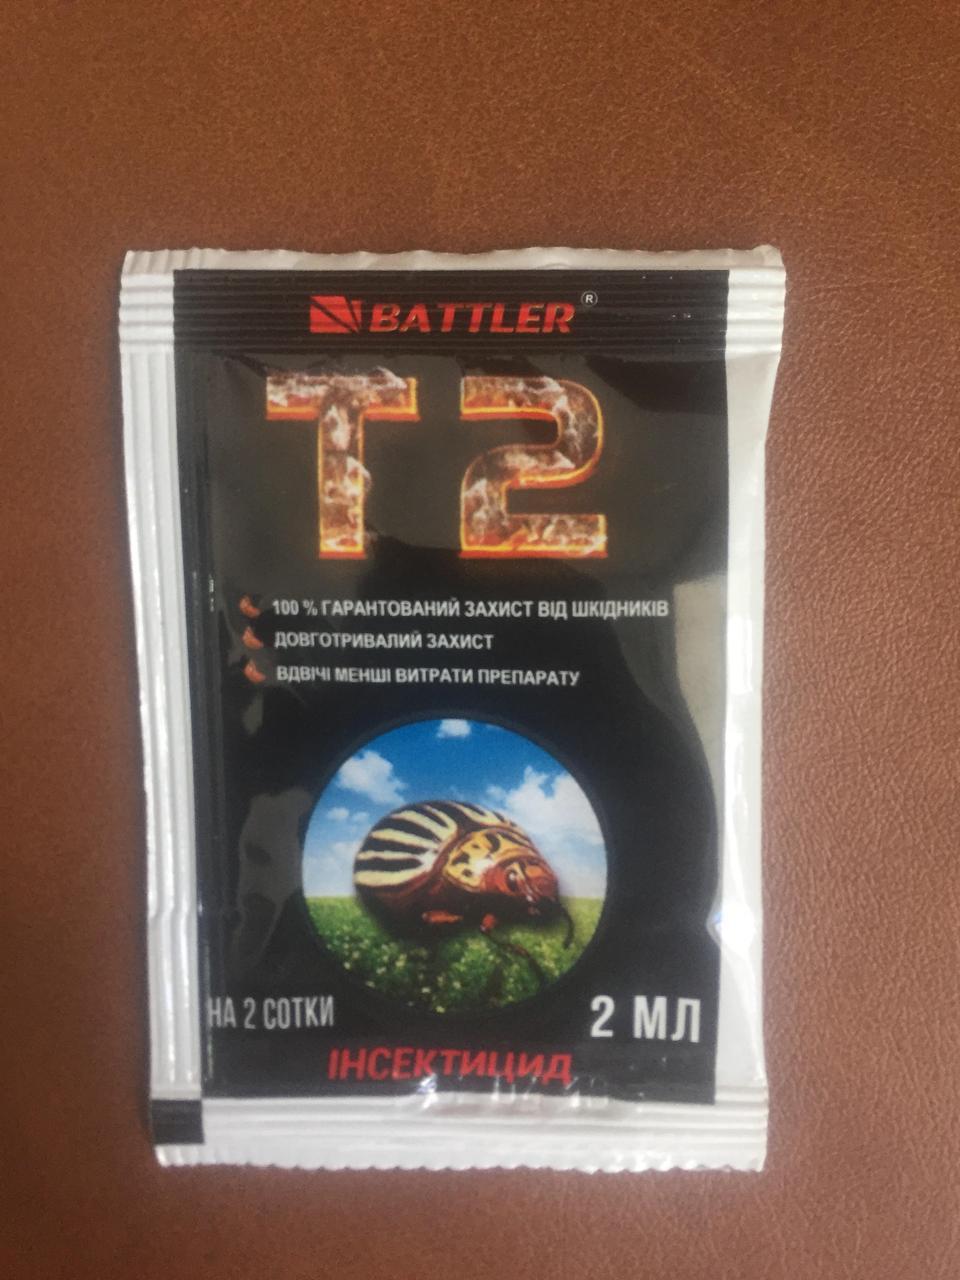 Инсектицид Т2 2 мл (лучшая цена купить оптом и в розницу)